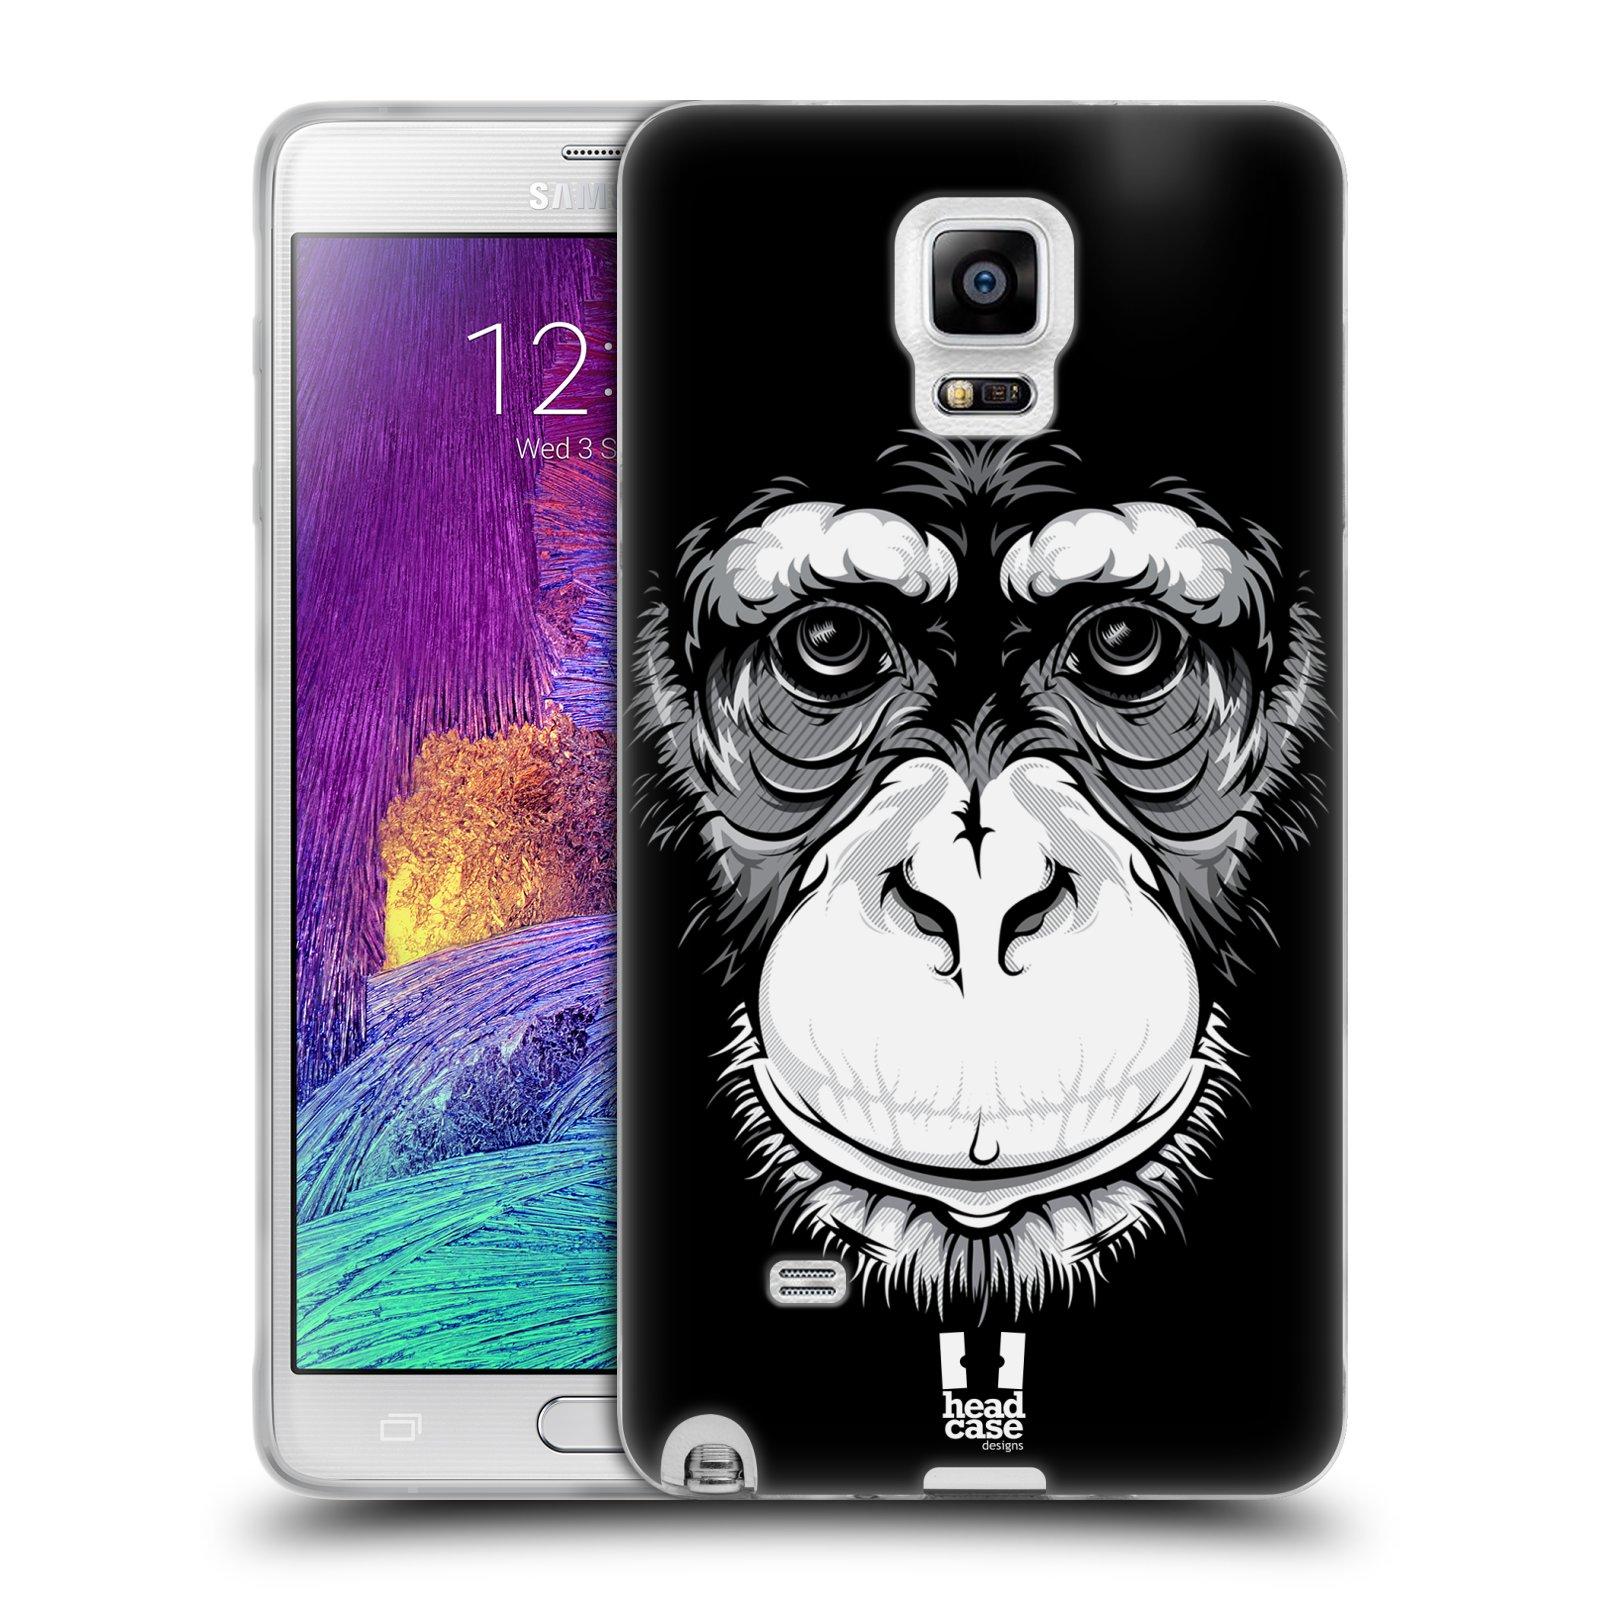 HEAD CASE silikonový obal na mobil Samsung Galaxy Note 4 (N910) vzor Zvíře kreslená tvář šimpanz